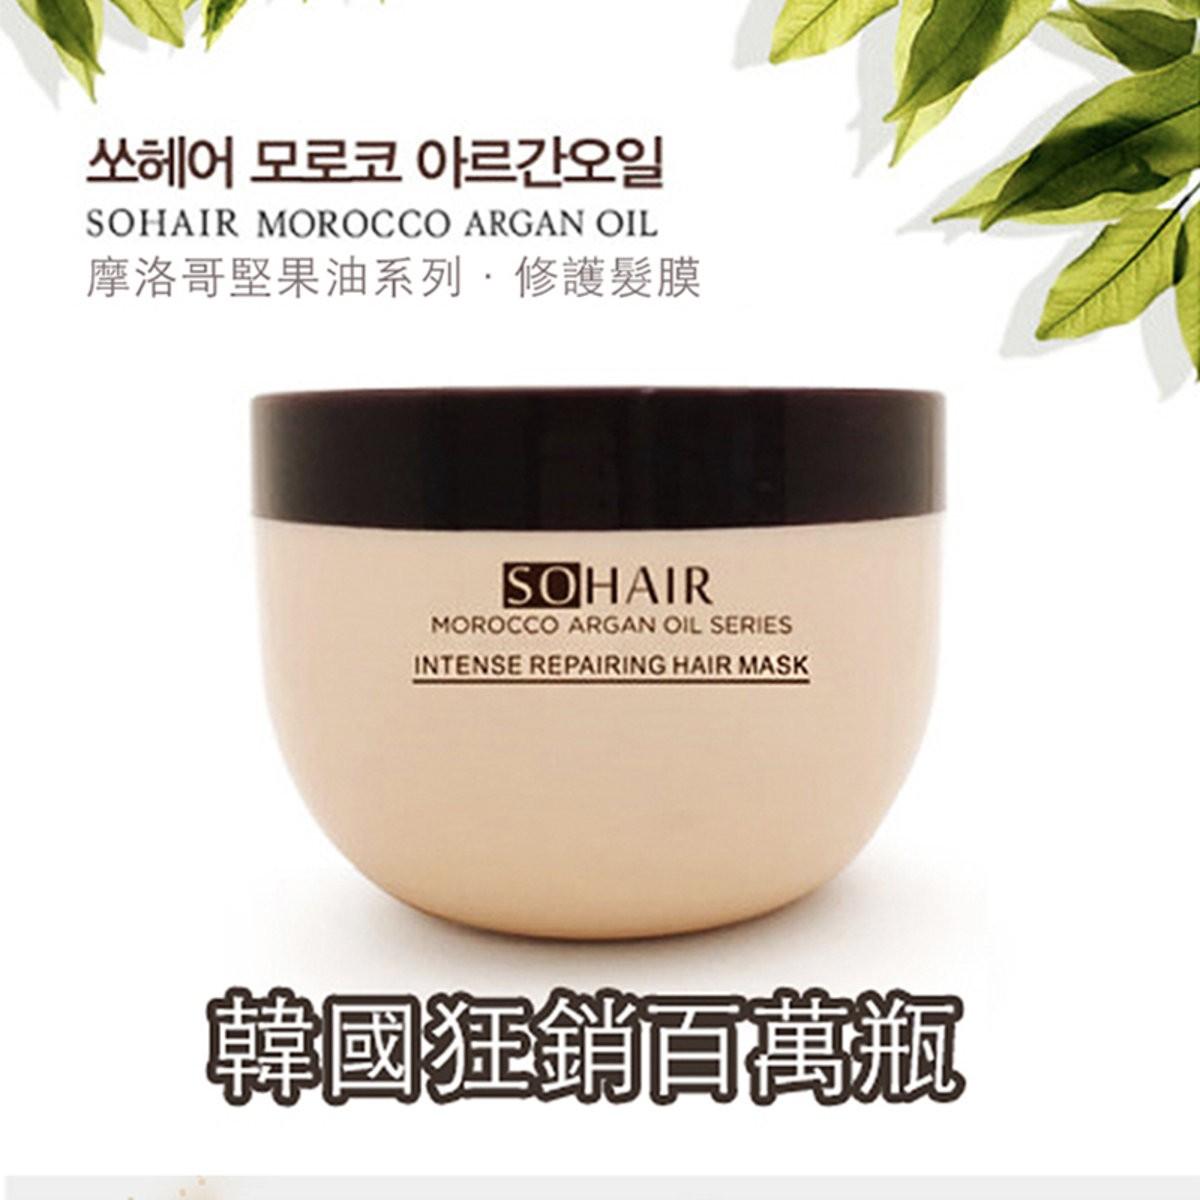 清爽潔淨的潔臉皂 – 日本蔵人純米美肌潔臉皂